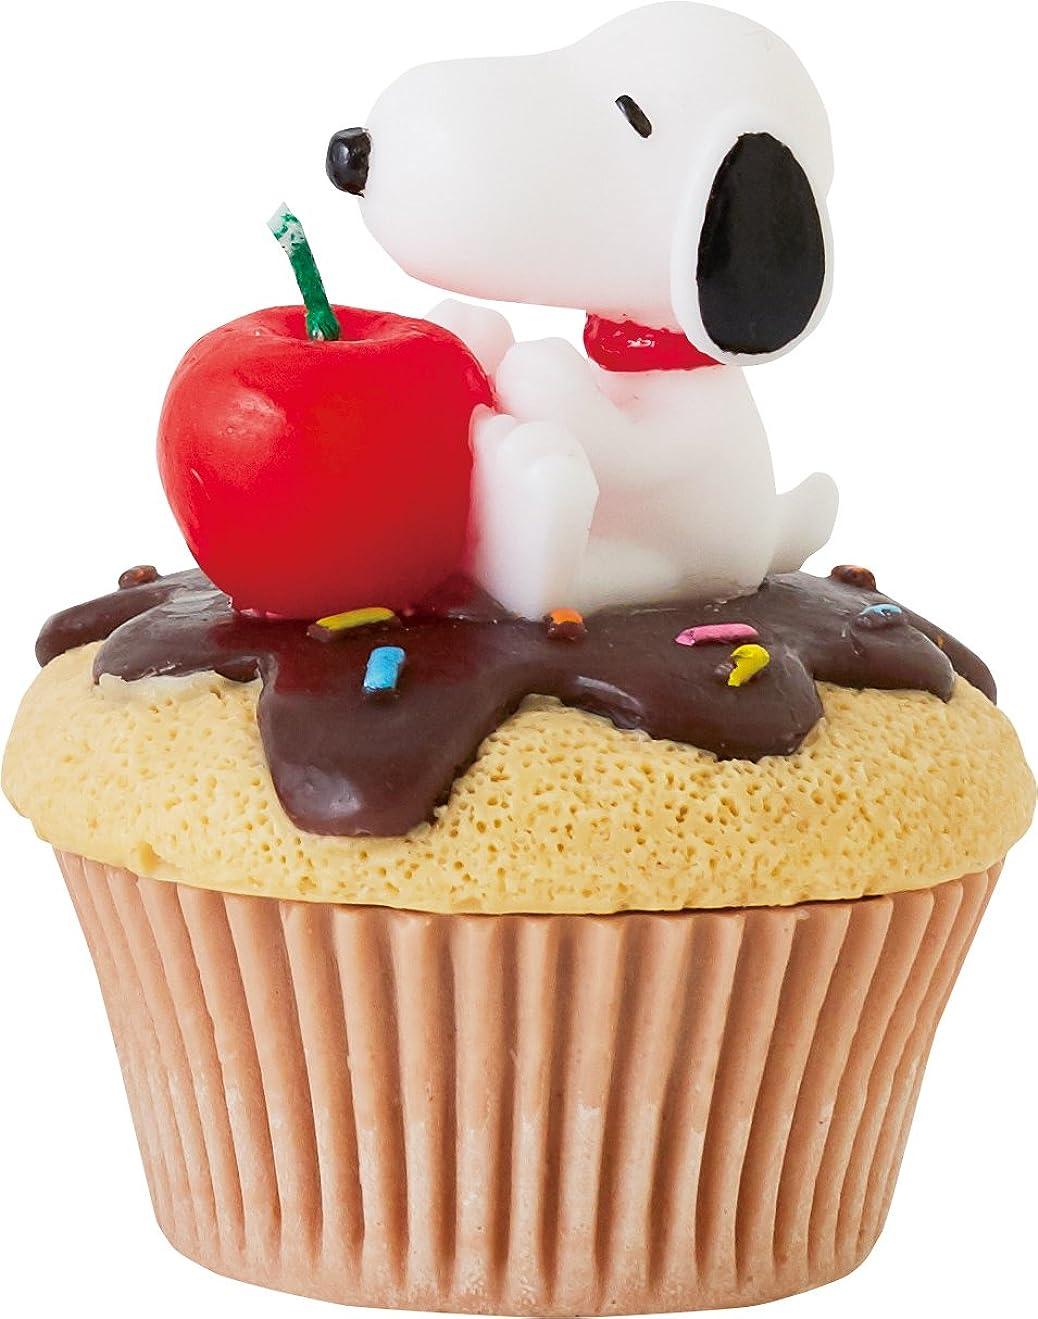 バッジ無駄だエンドウカメヤマキャンドルハウス スヌーピーカップケーキキャンドル チョコ(チョコレートの香り)